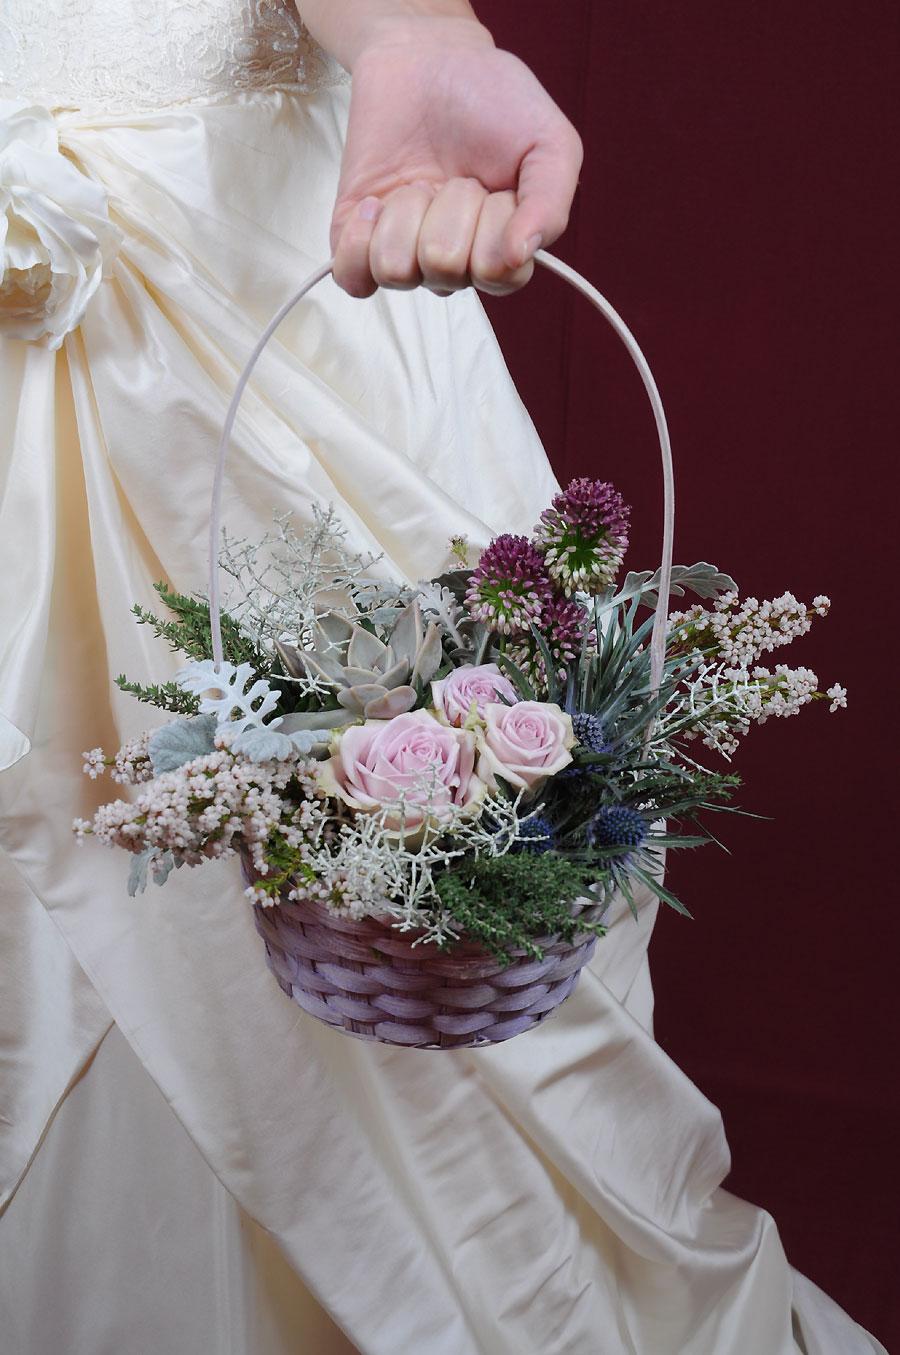 Trend fiori autunno-inverno 2016 Pantone Bodacious